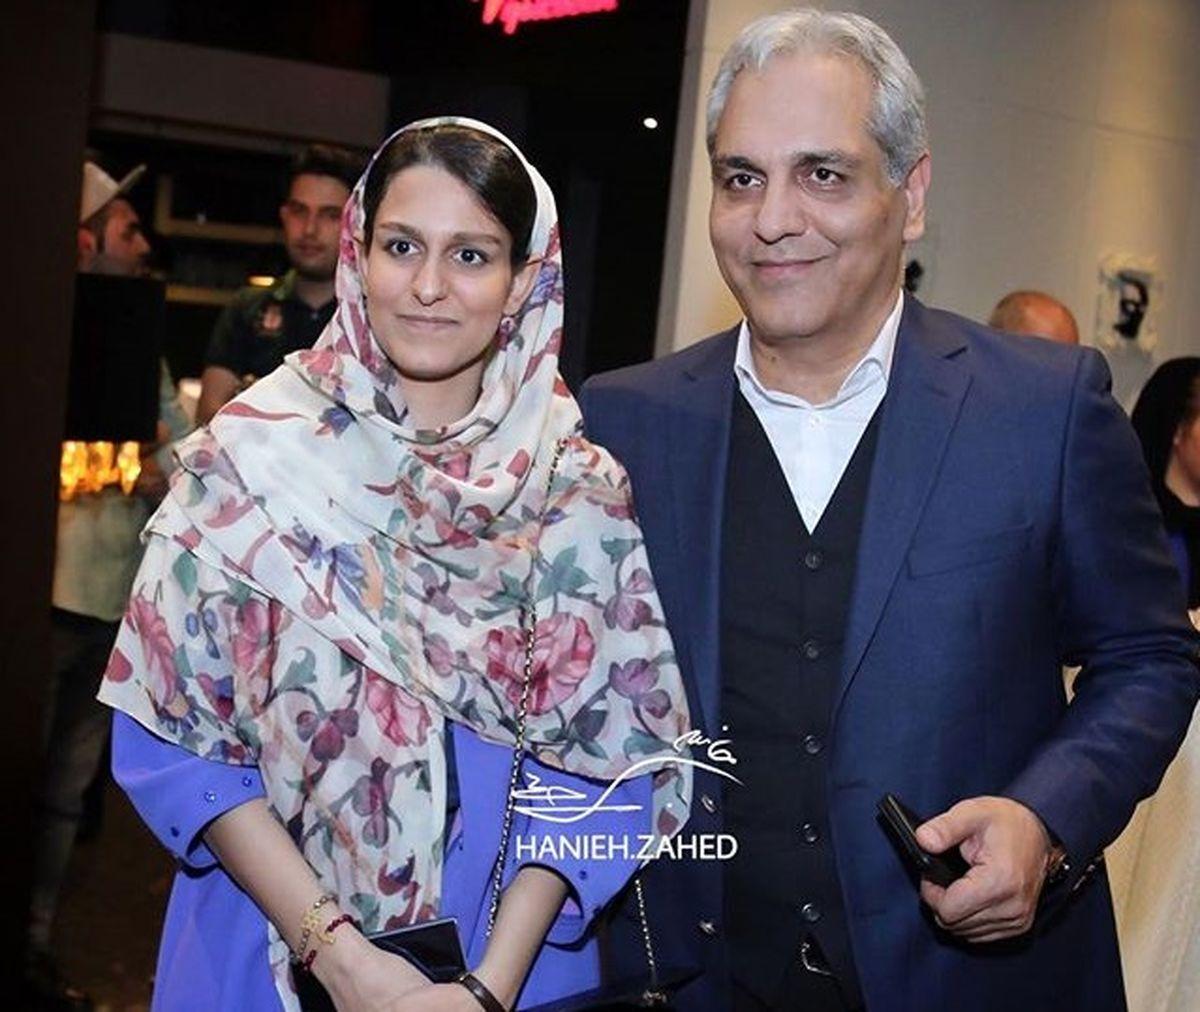 عکس لورفته از مهران مدیری و همسرش + عکس مدیری و فرزندانش با تیپ  خاص